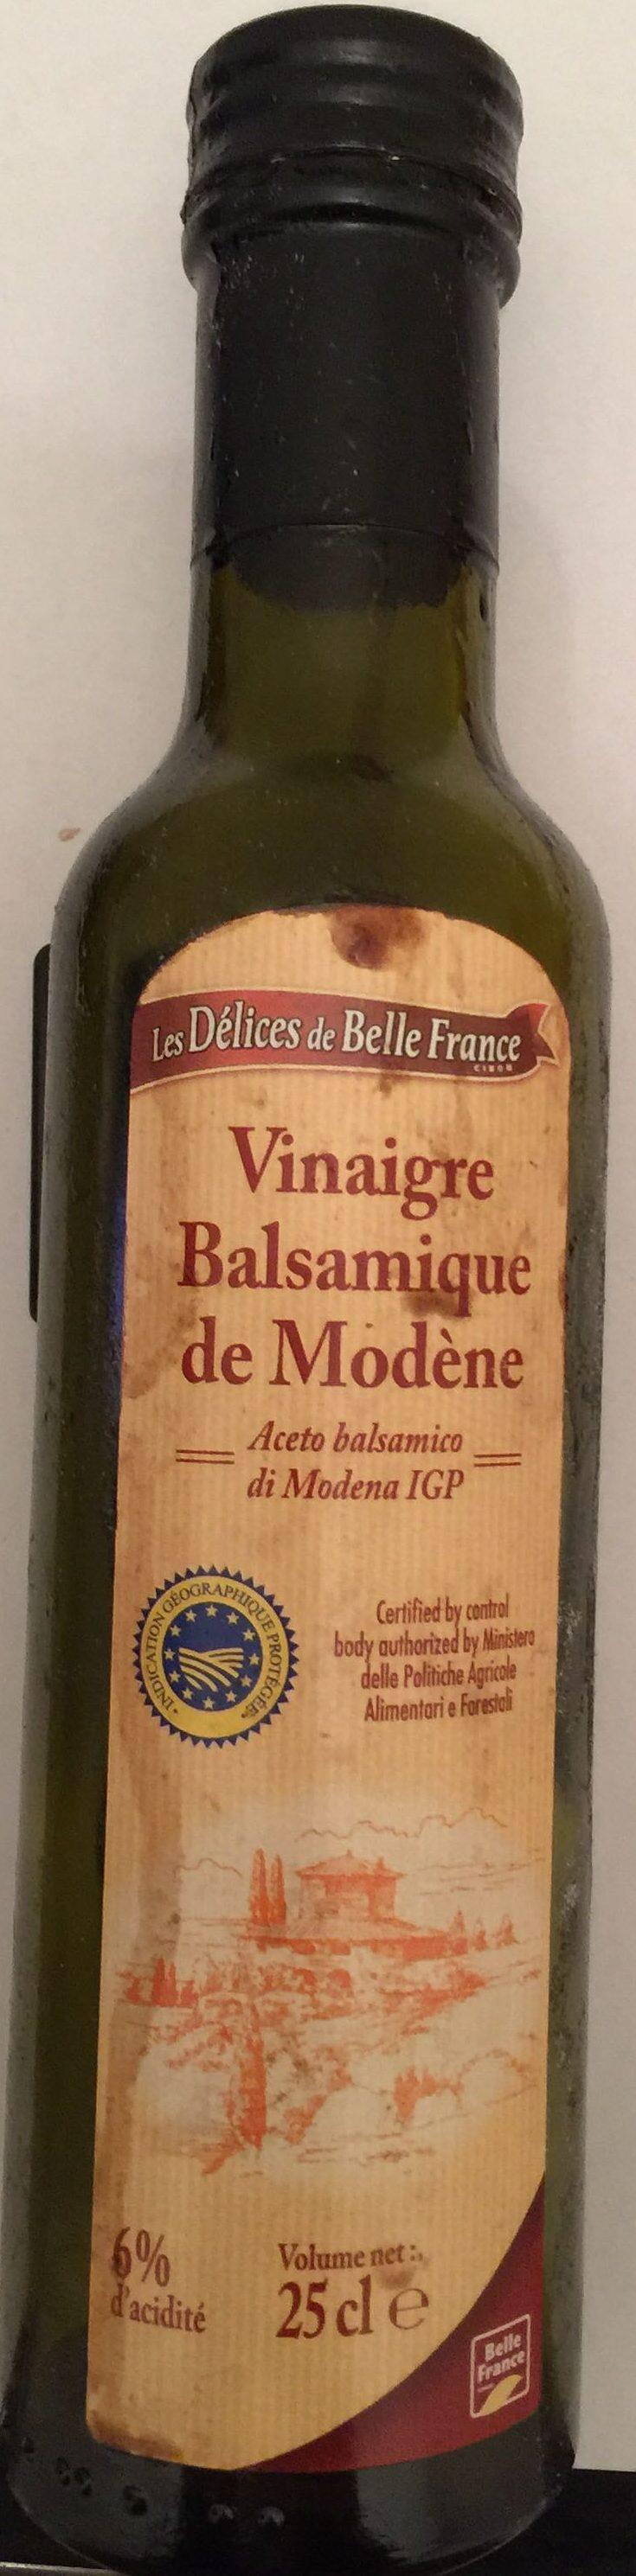 Vinaigre balsamique de mod ne les d lices de belle france 25 cl - Vinaigre balsamique calorie ...